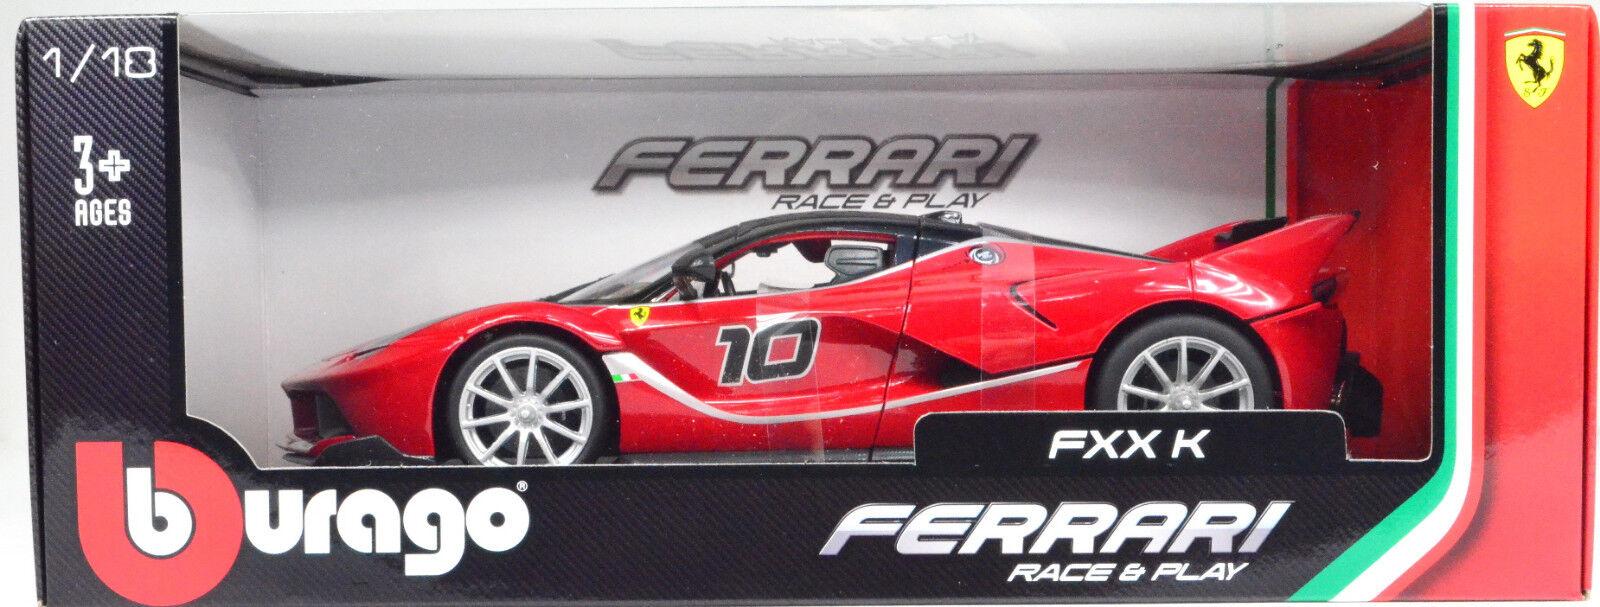 Ferrari FXX K rouge Maßstab 1 18 von Bburago